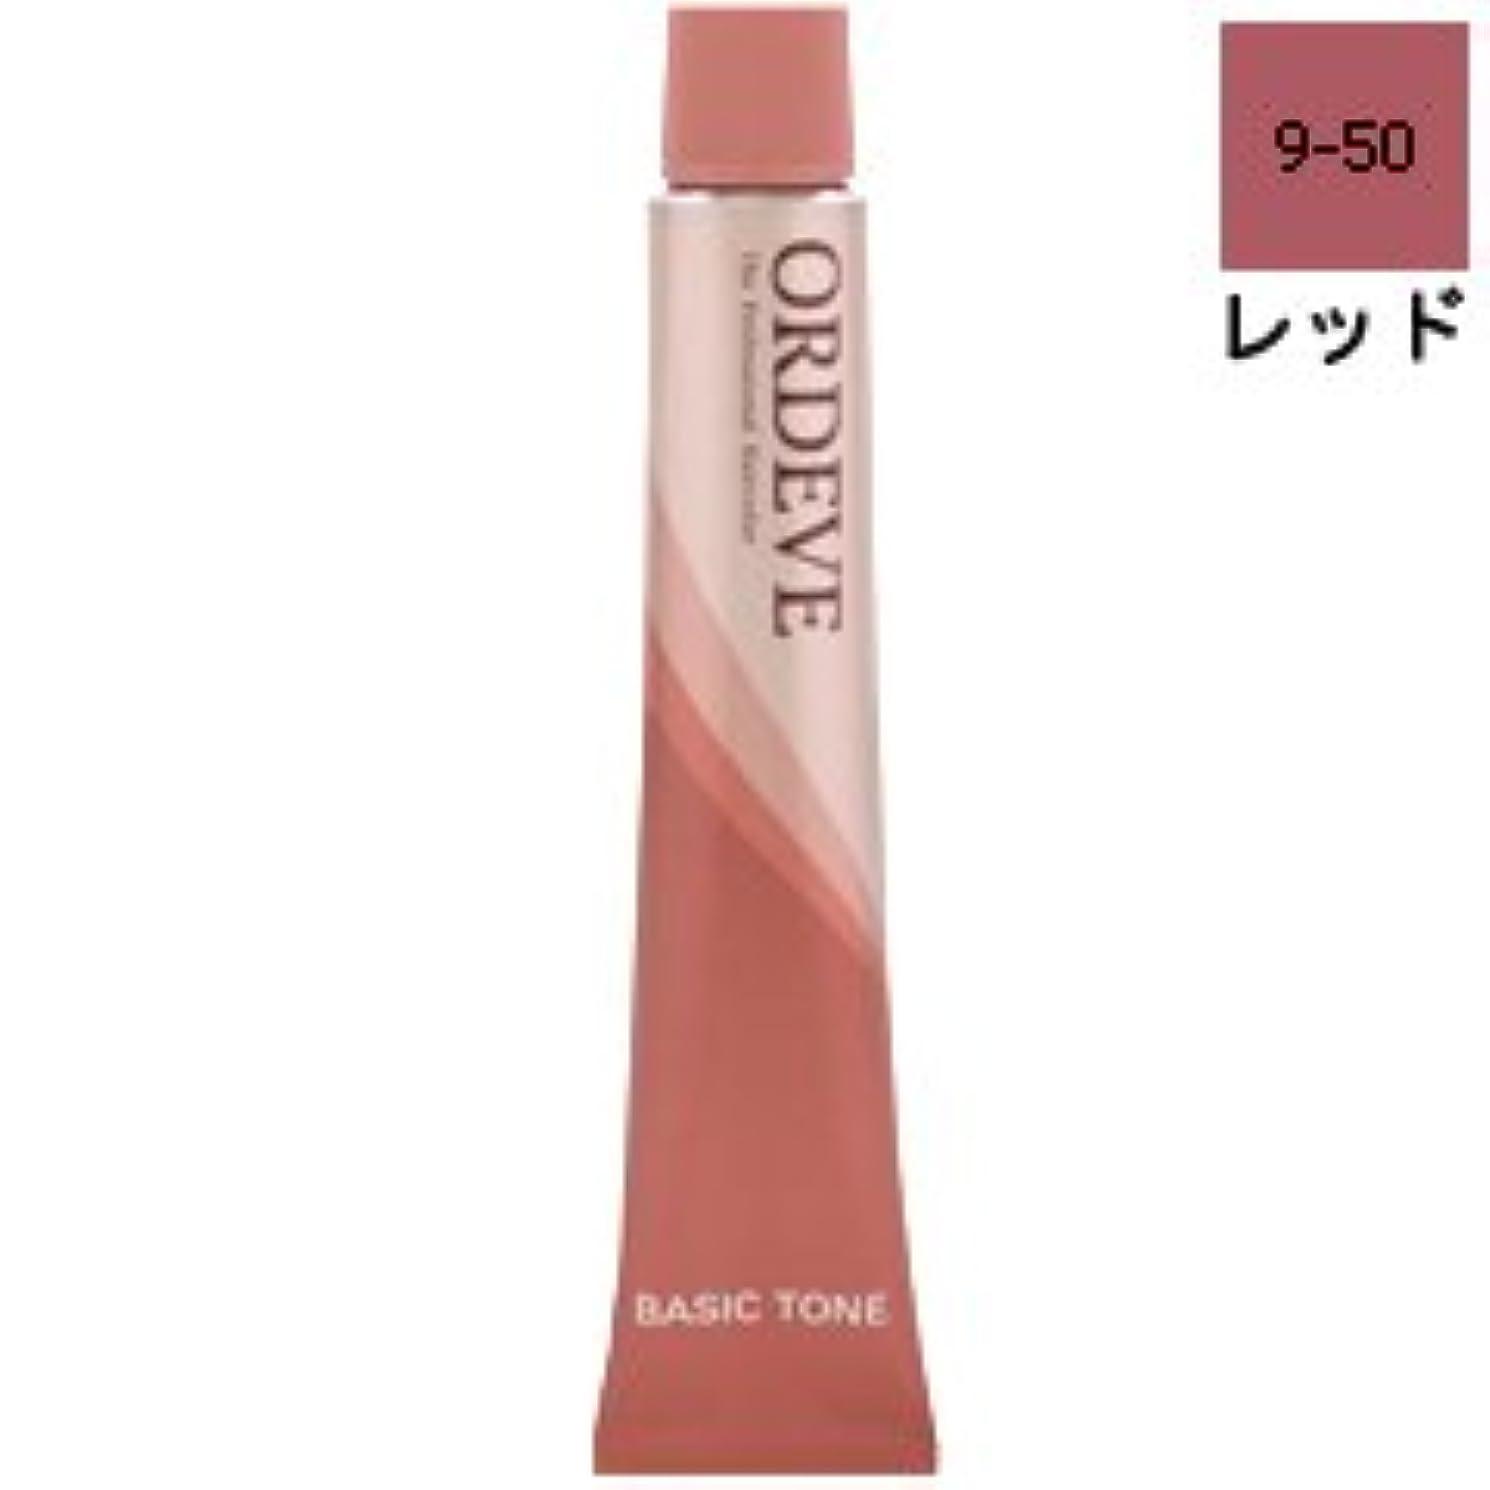 【ミルボン】オルディーブ ベーシックトーン #09-50 レッド 80g